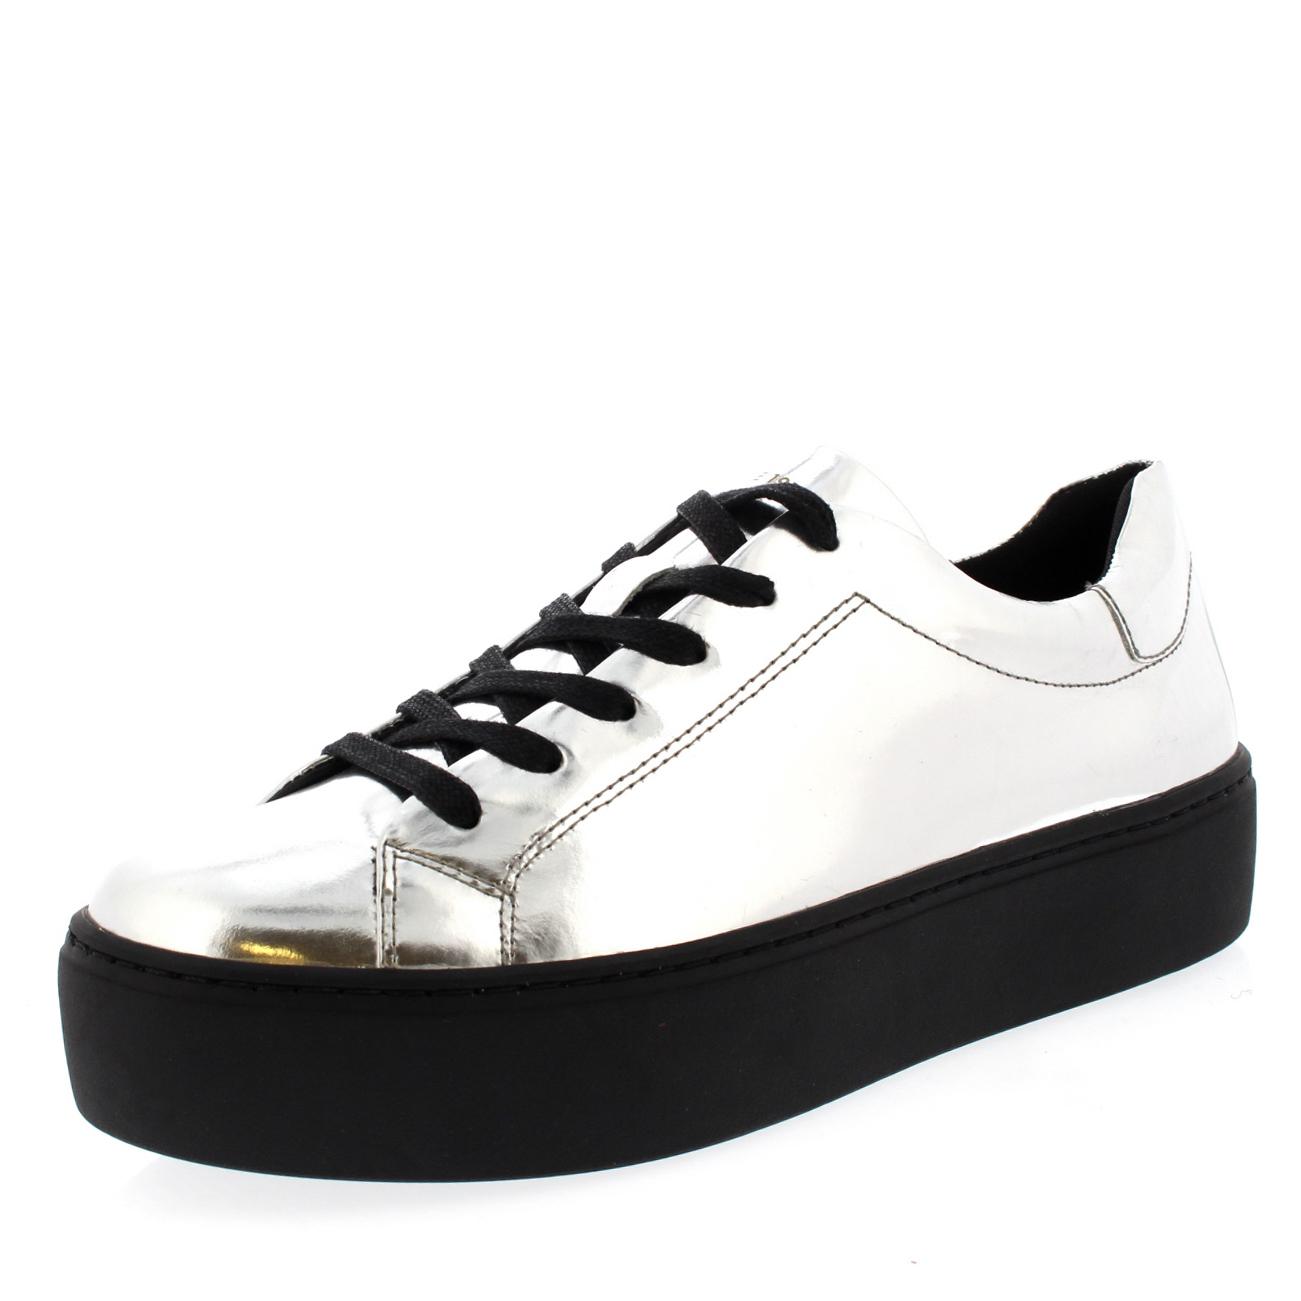 a2696c4664 Details about Womens Vagabond Jessie Festival Metallic Platform Fashion  Sneakers US 5.5-10